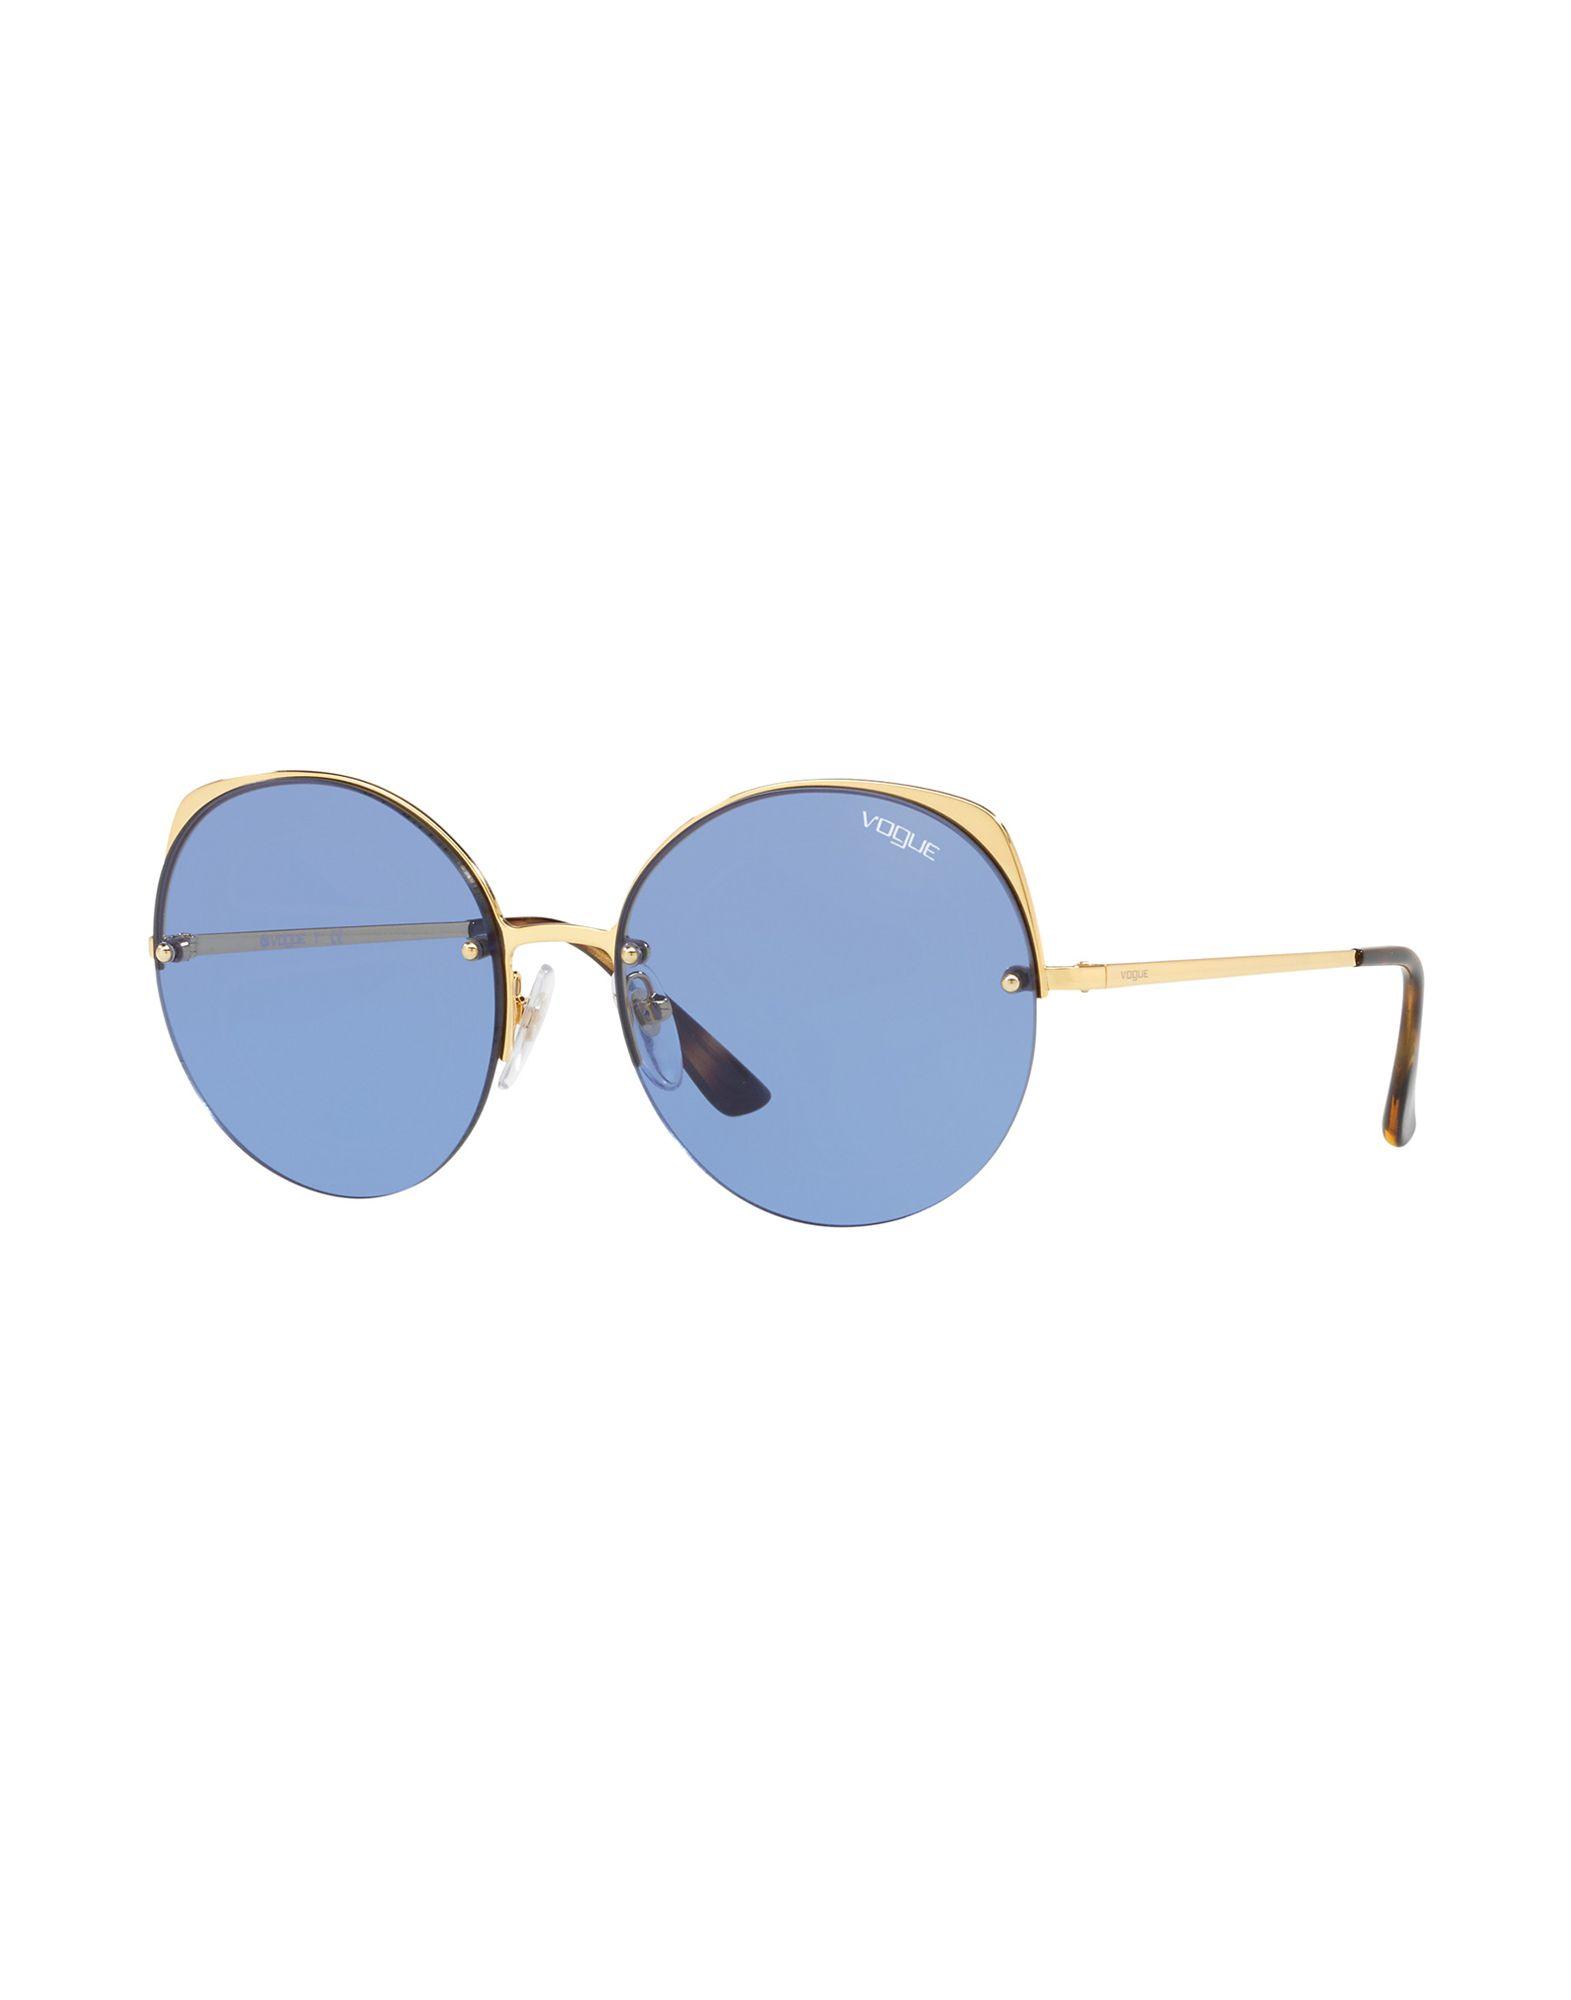 VOGUE Солнечные очки gigi hadid for vogue солнечные очки